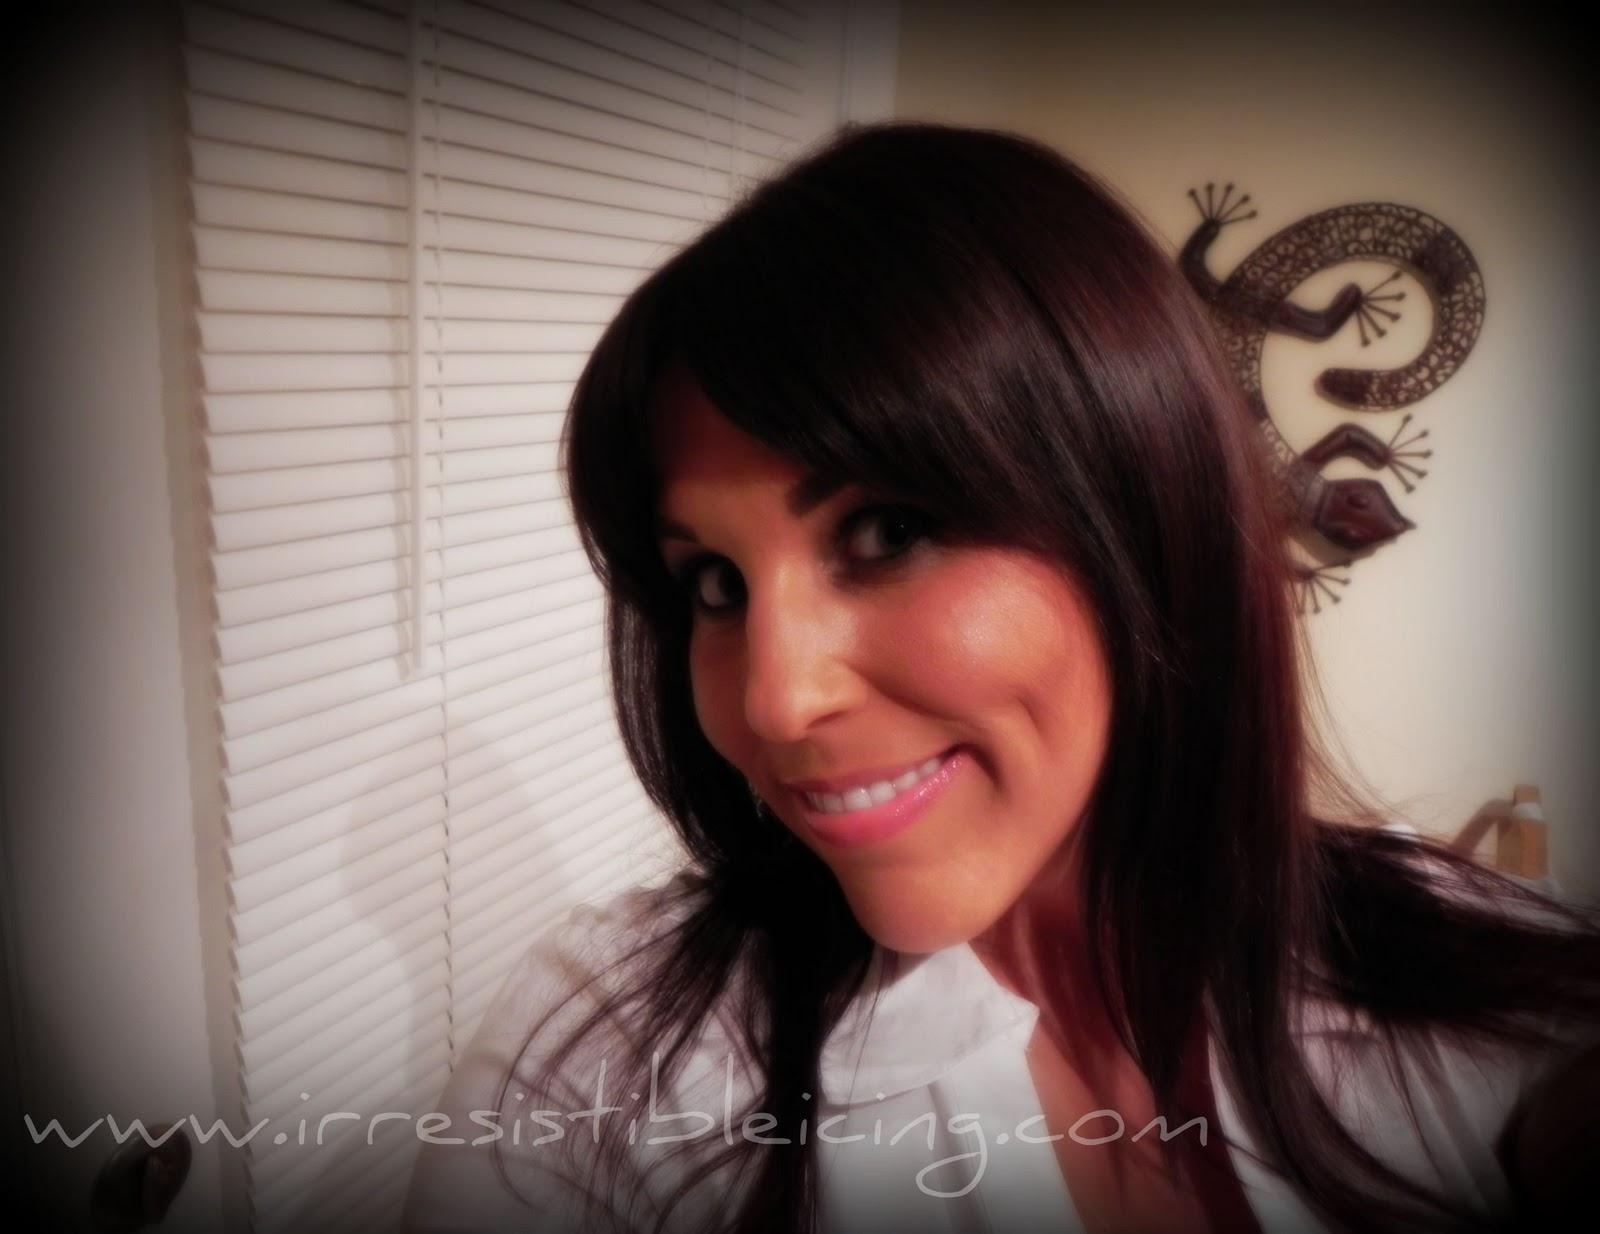 http://2.bp.blogspot.com/_iux3N0qmvA8/TOLfq-xgY9I/AAAAAAAAAuQ/V81m-wIa2Kg/s1600/DSCN0323.JPG